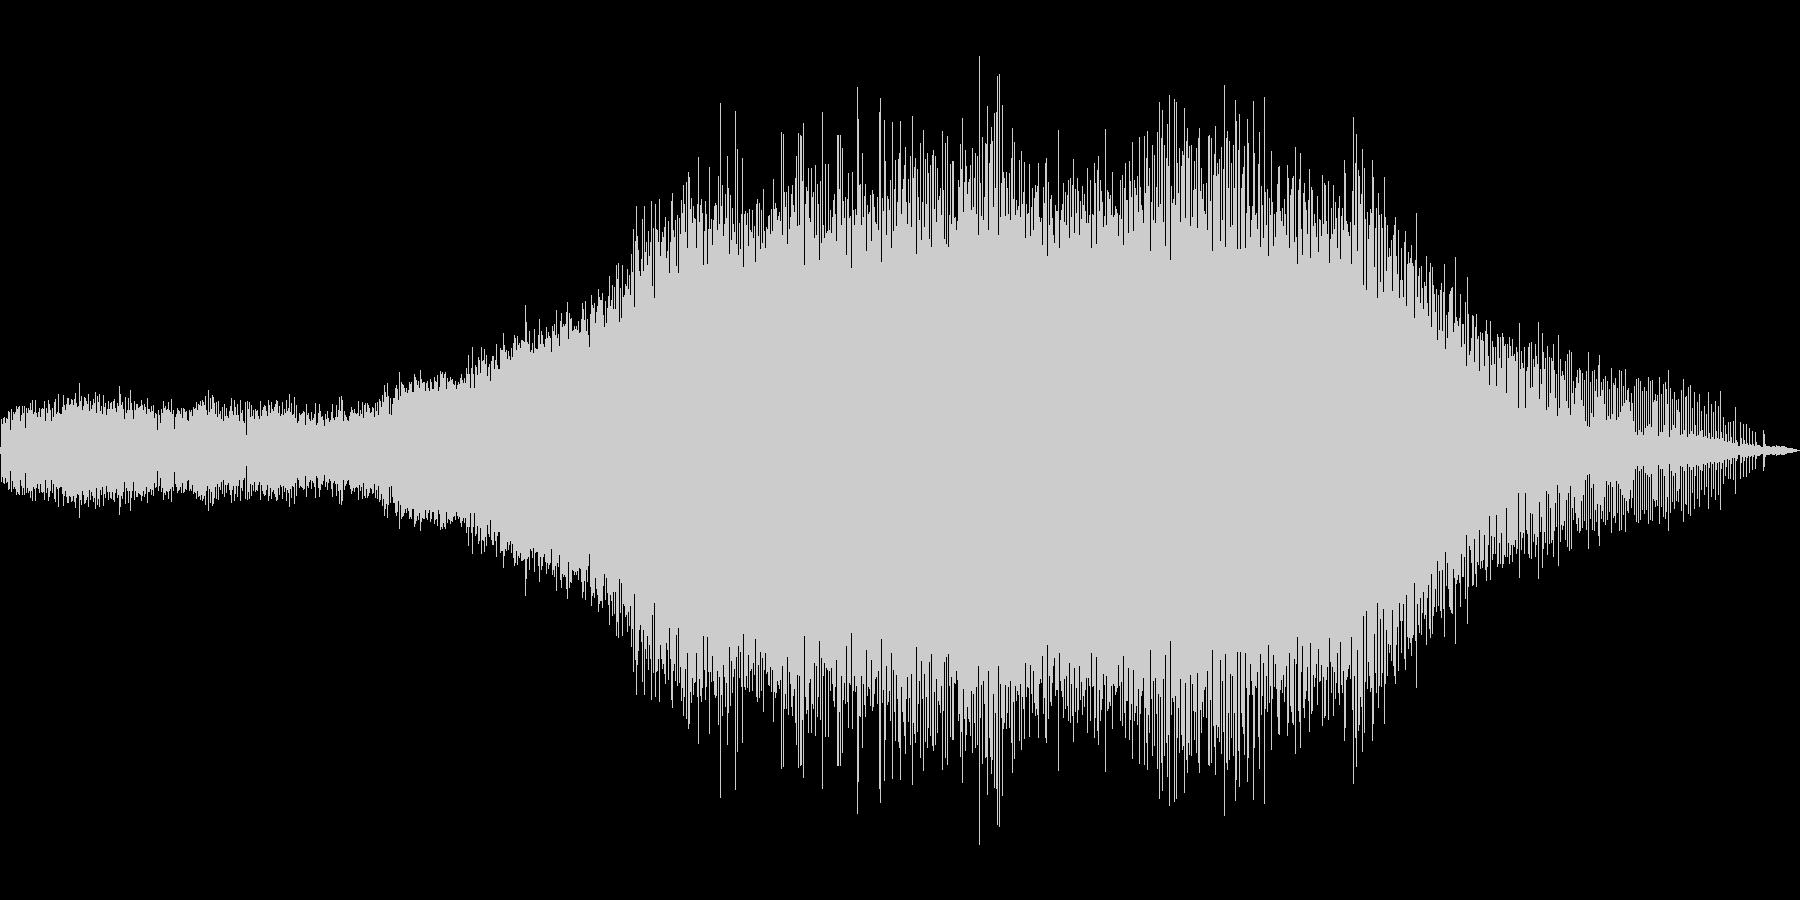 ミーン。約1分間の蝉の鳴き声の未再生の波形